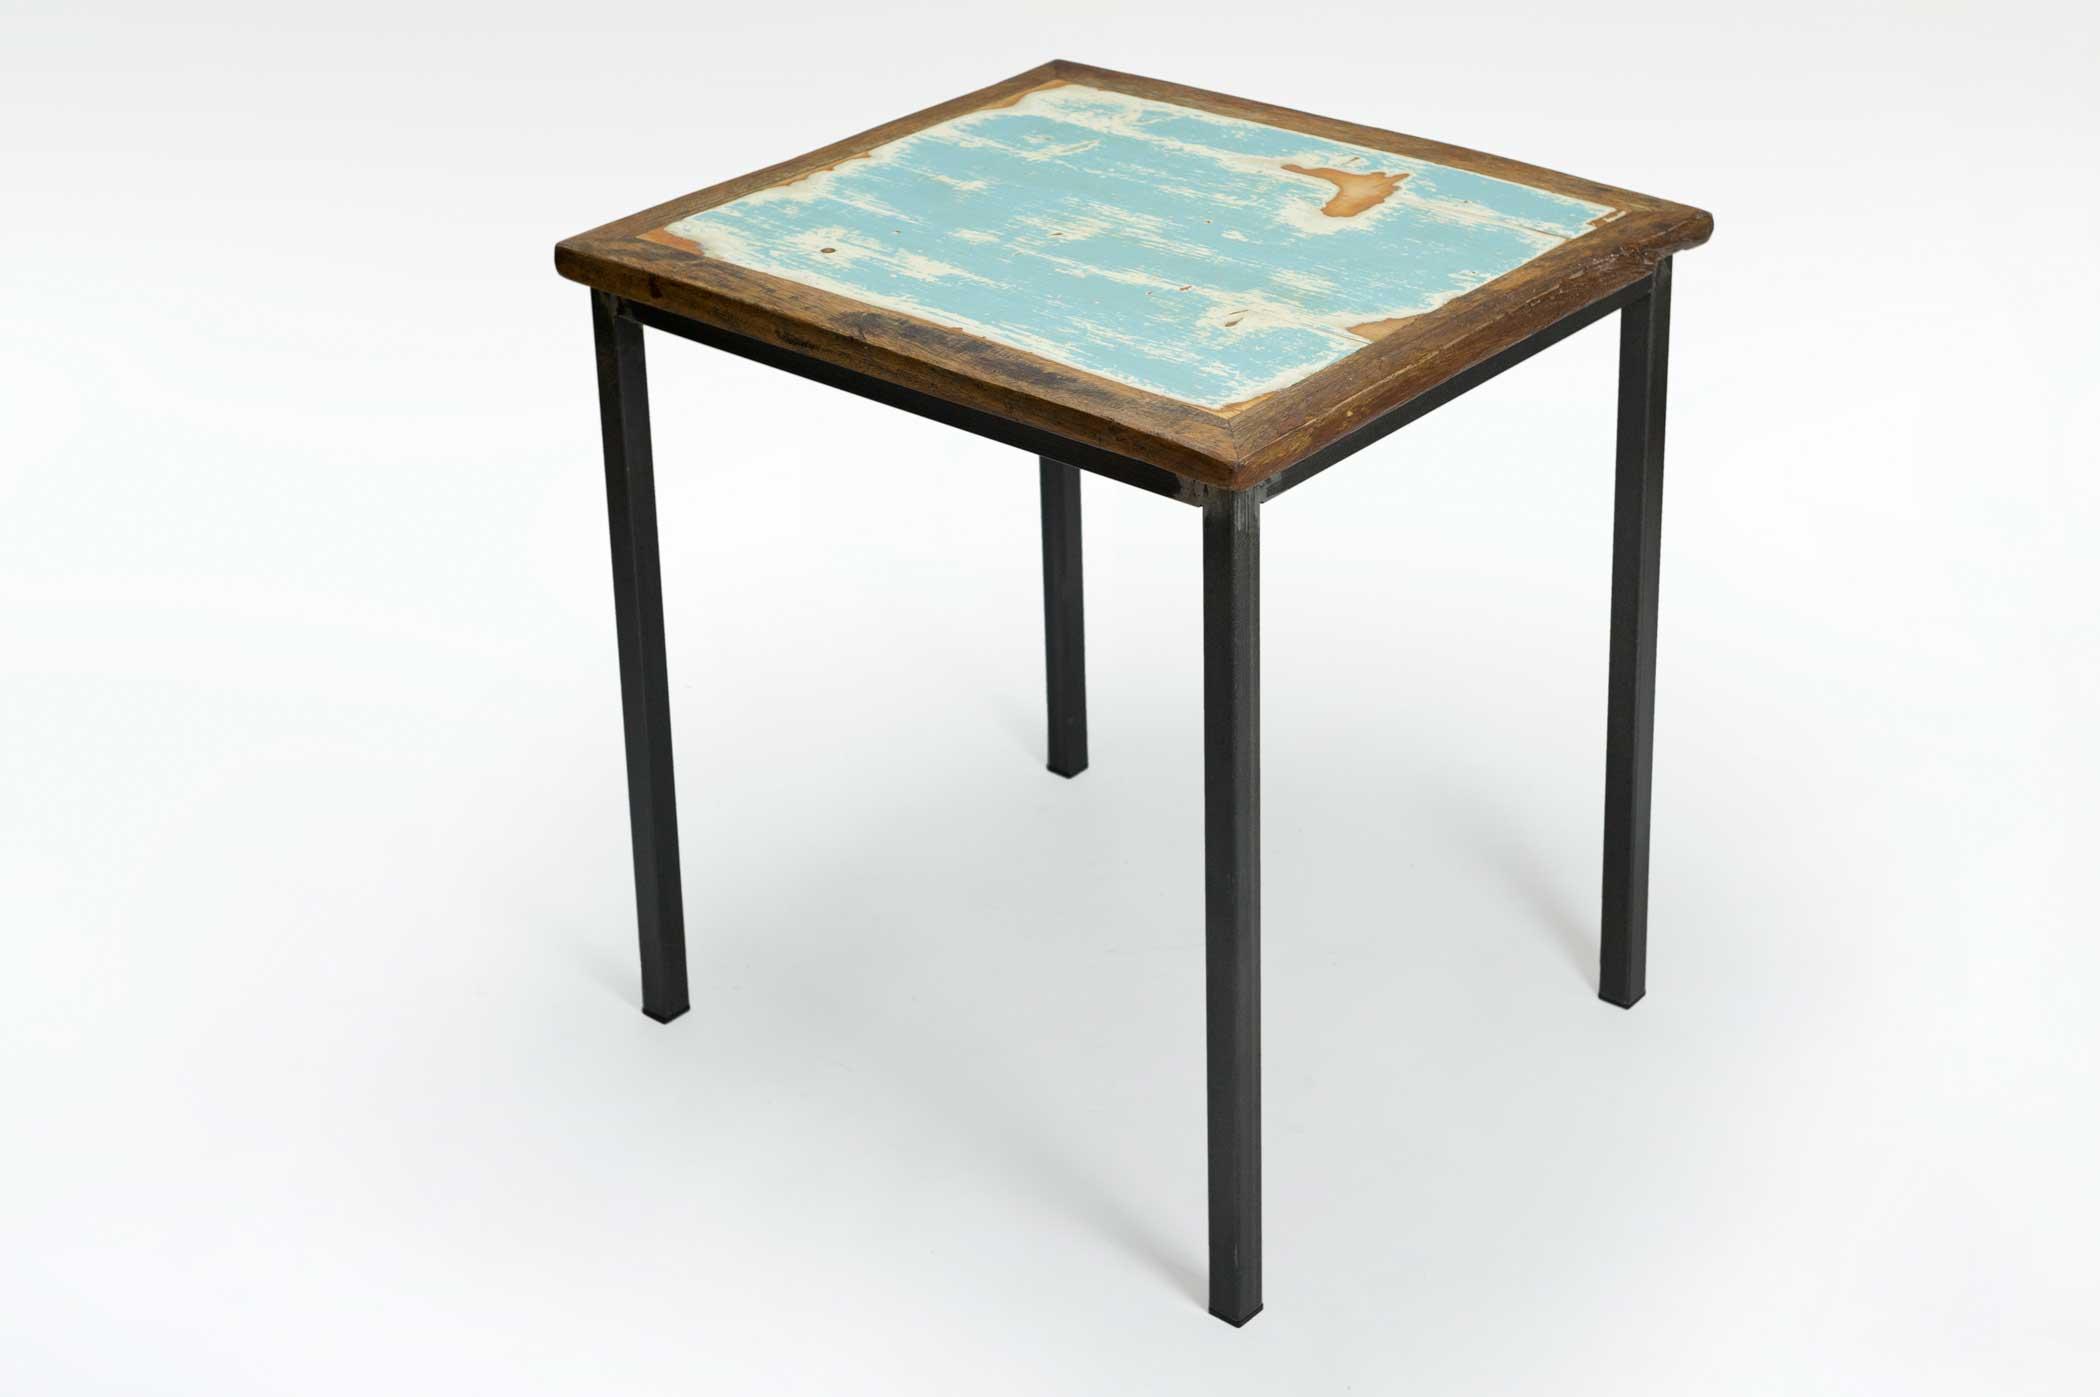 Tavolo Industriale Quadrato : Tavolo quadrato legno good tavolo legno quadrato bianco legno